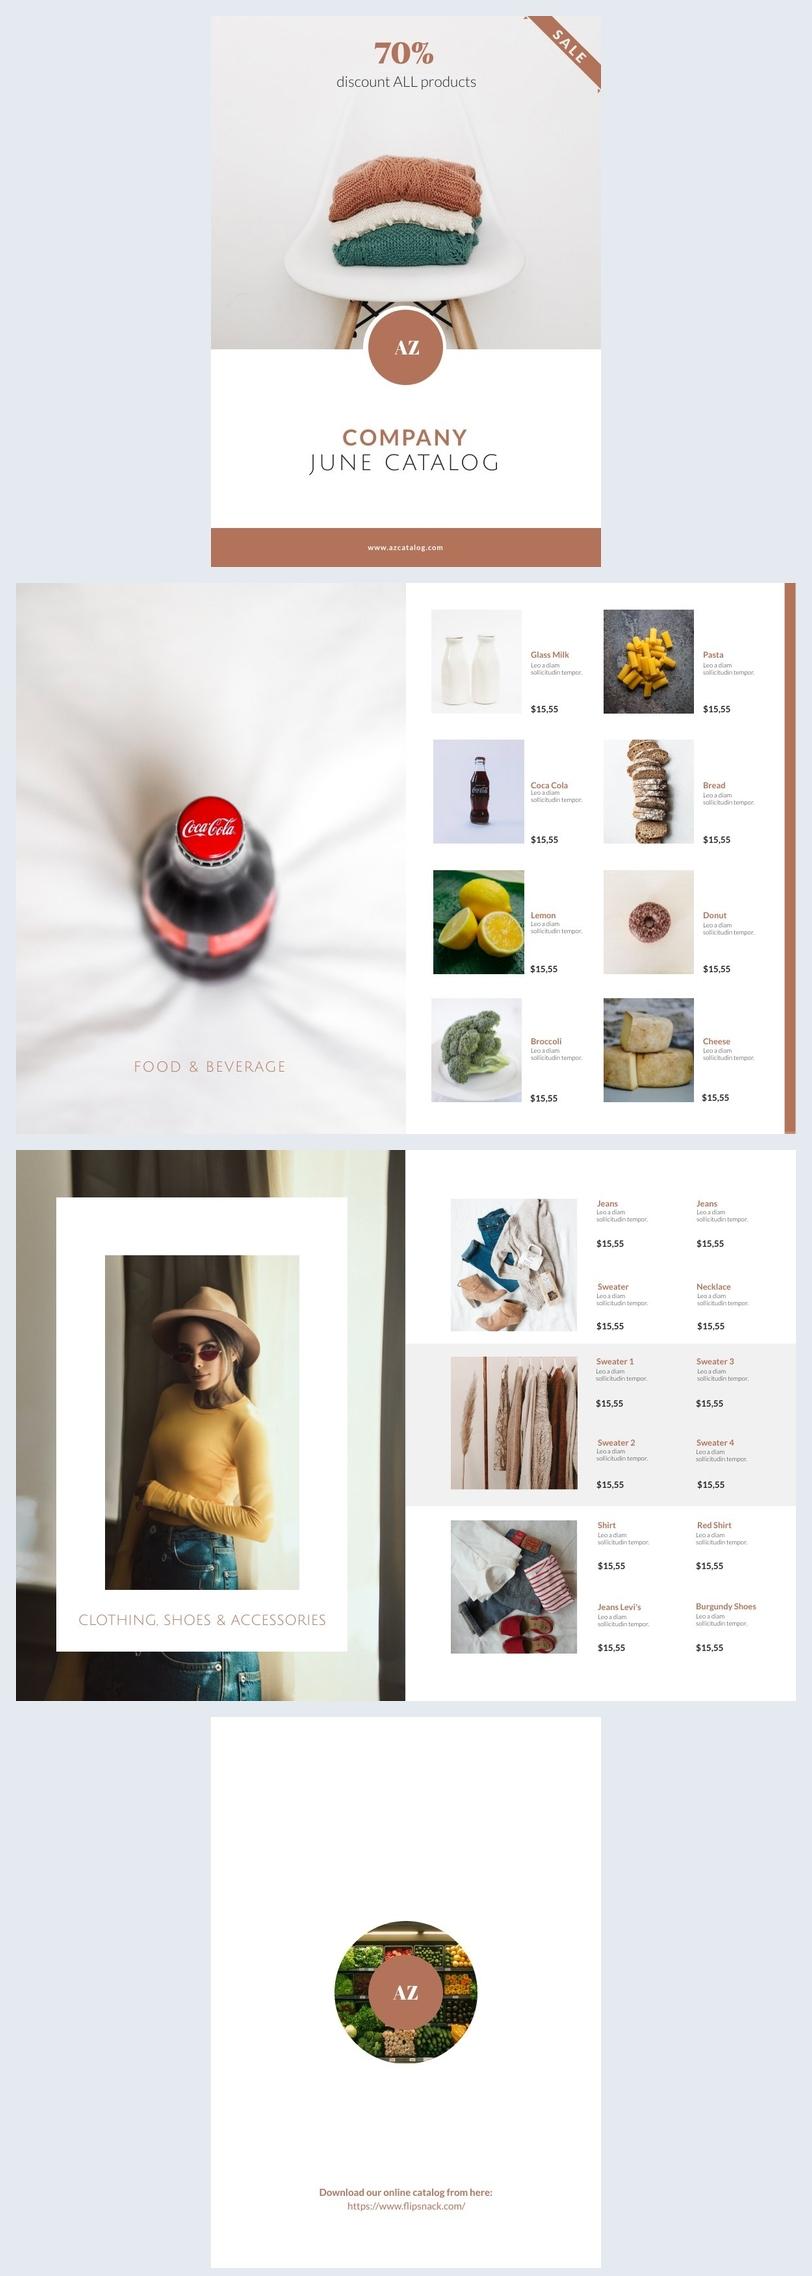 Ejemplo de catálogo empresarial personalizable